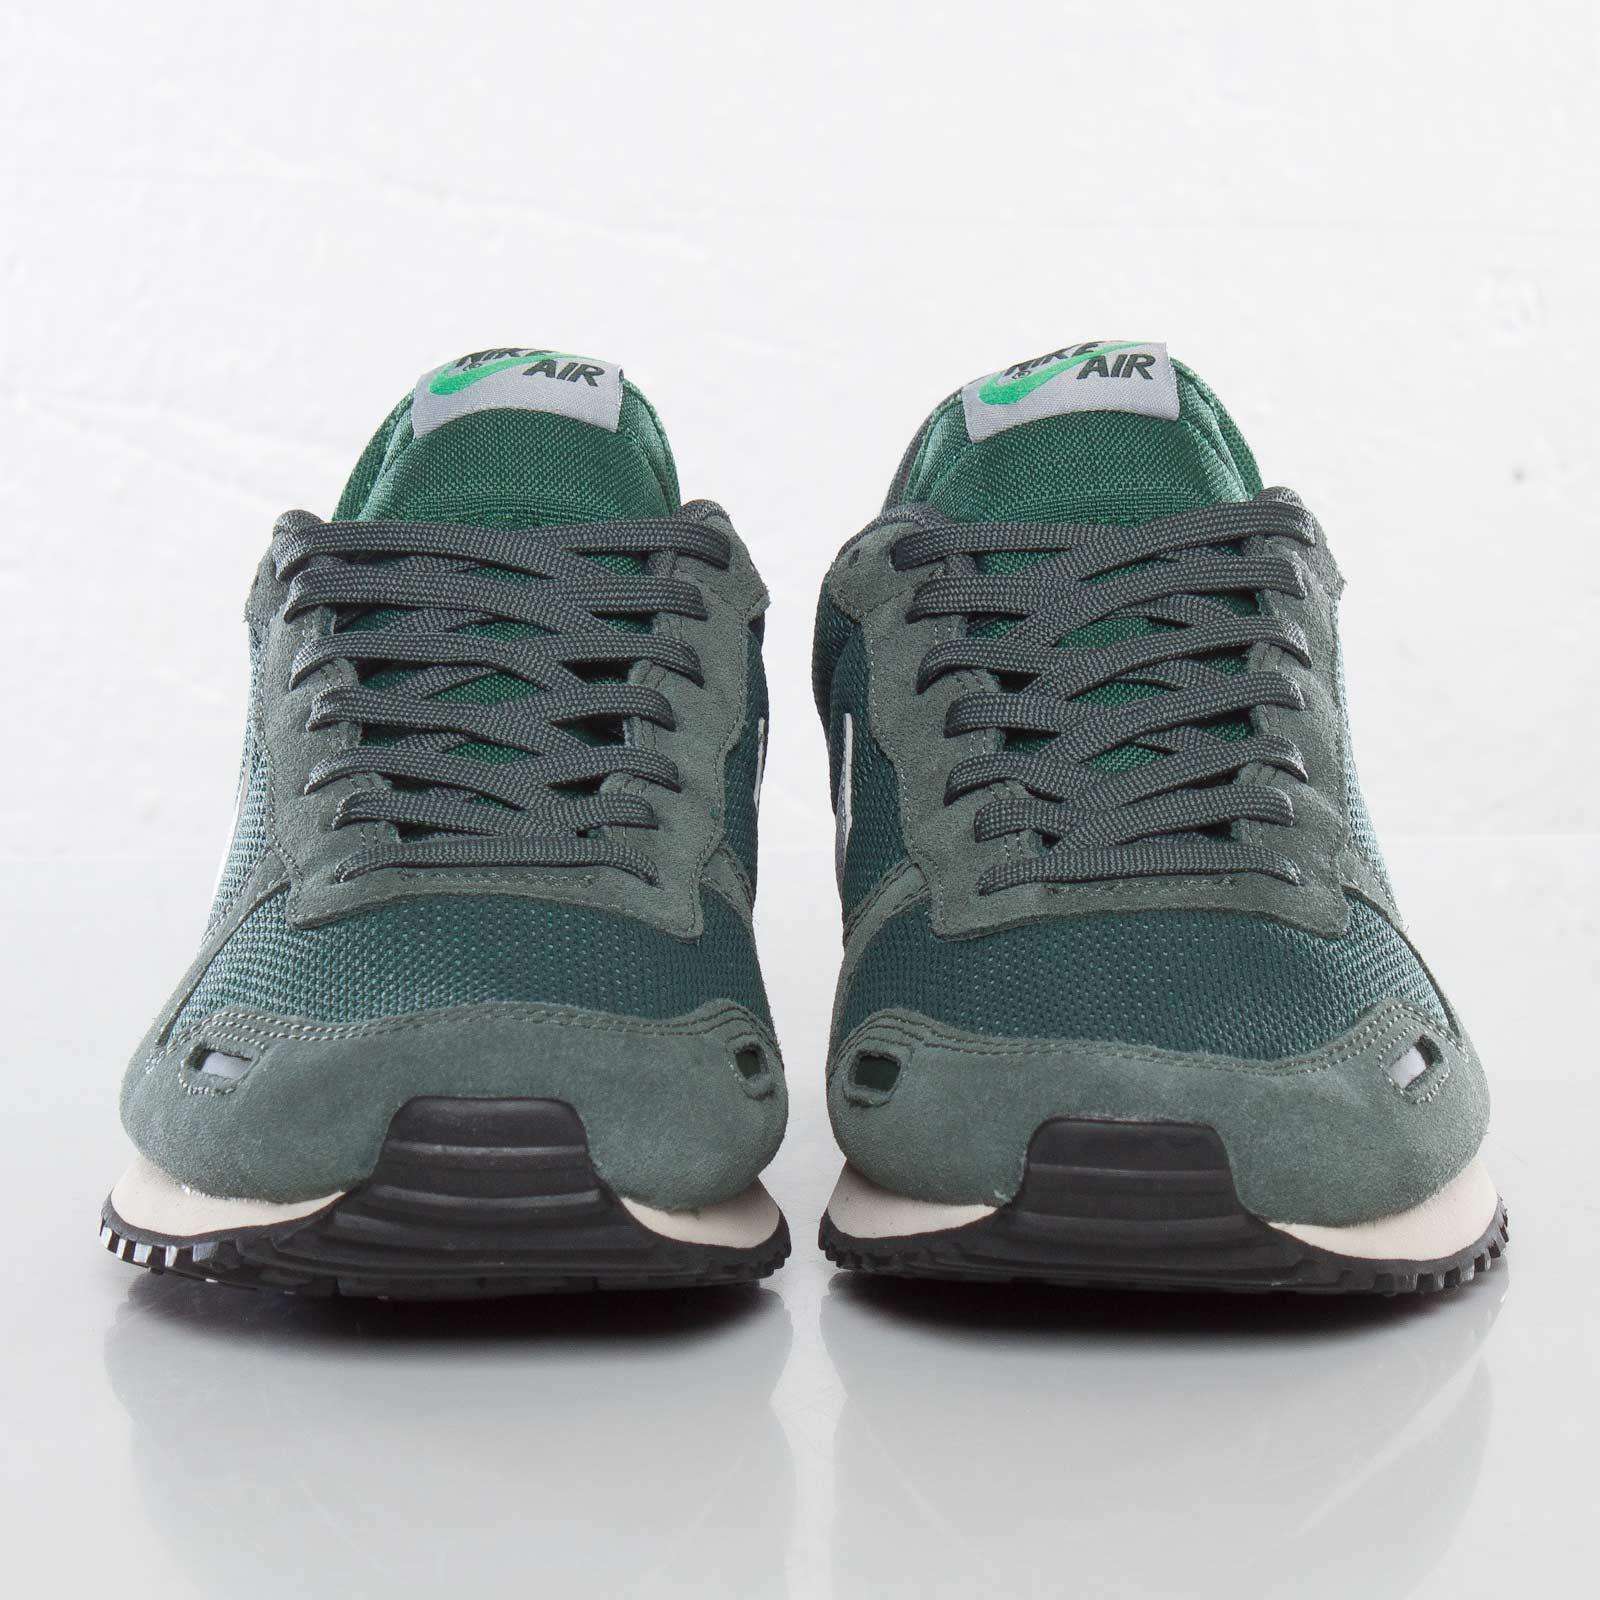 ayudante Silla ayuda  Nike Air Vortex (VNTG) - 429773-305 - Sneakersnstuff | sneakers &  streetwear online since 1999